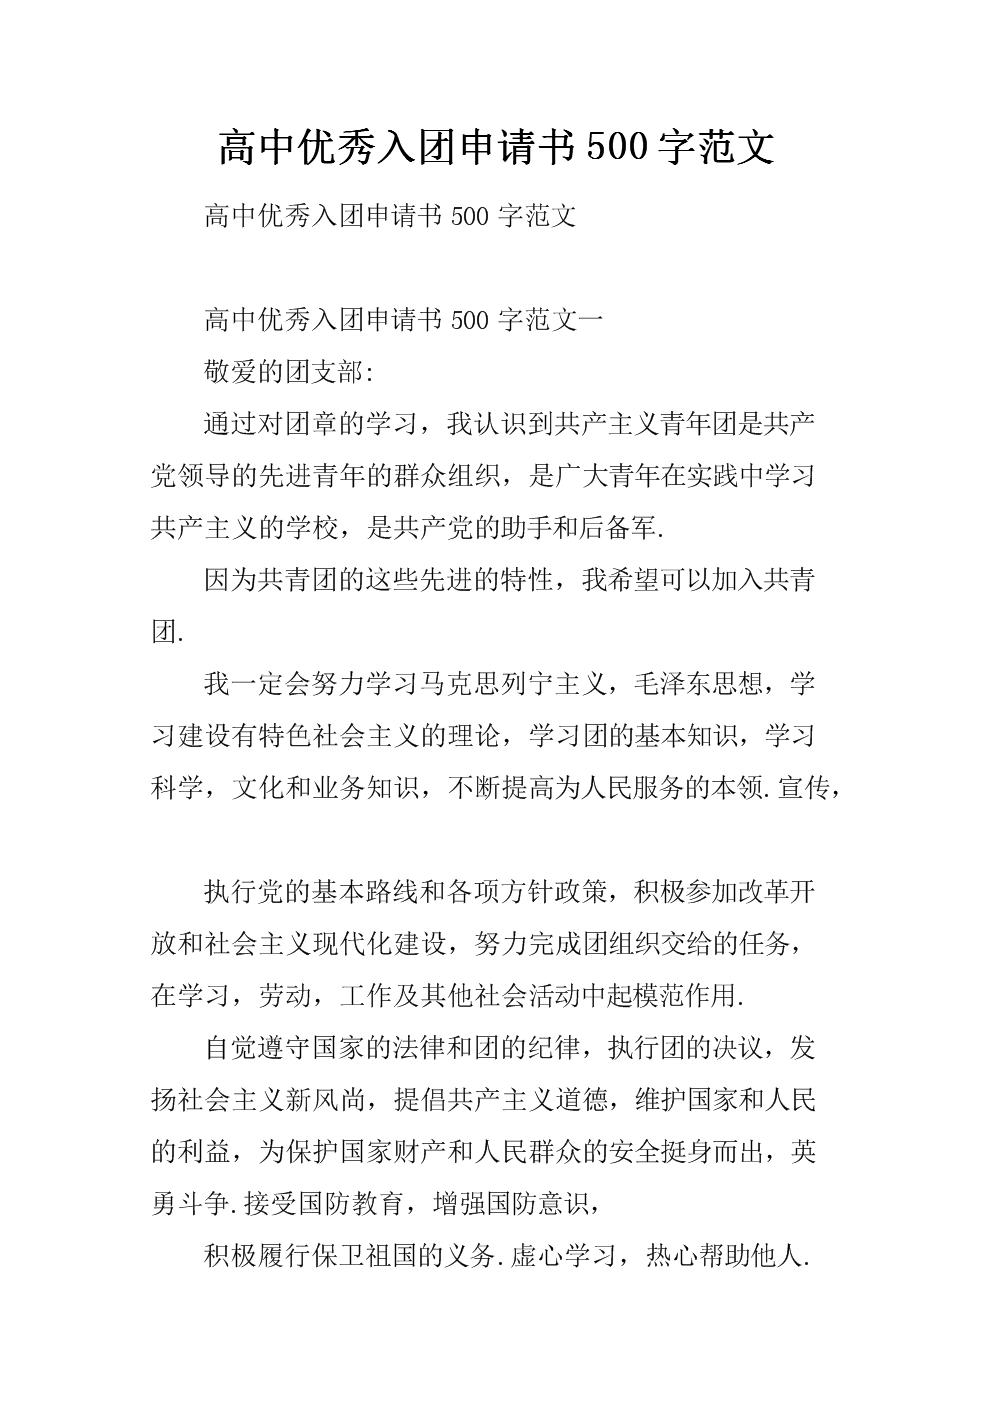 高中优秀入团申请书500字范文.docx图片